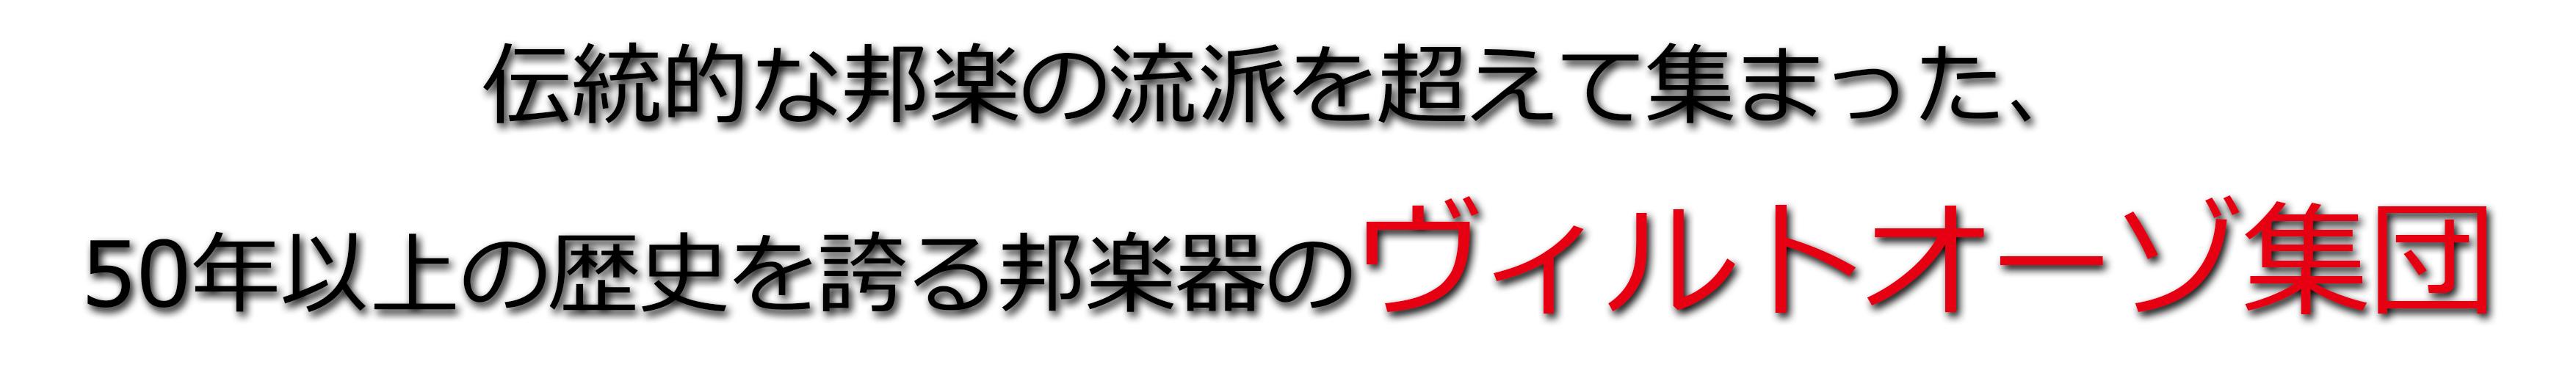 http://www.suncityhall.jp/%E5%90%8D%E7%A7%B0%E6%9C%AA%E8%A8%AD%E5%AE%9A%201.jpg